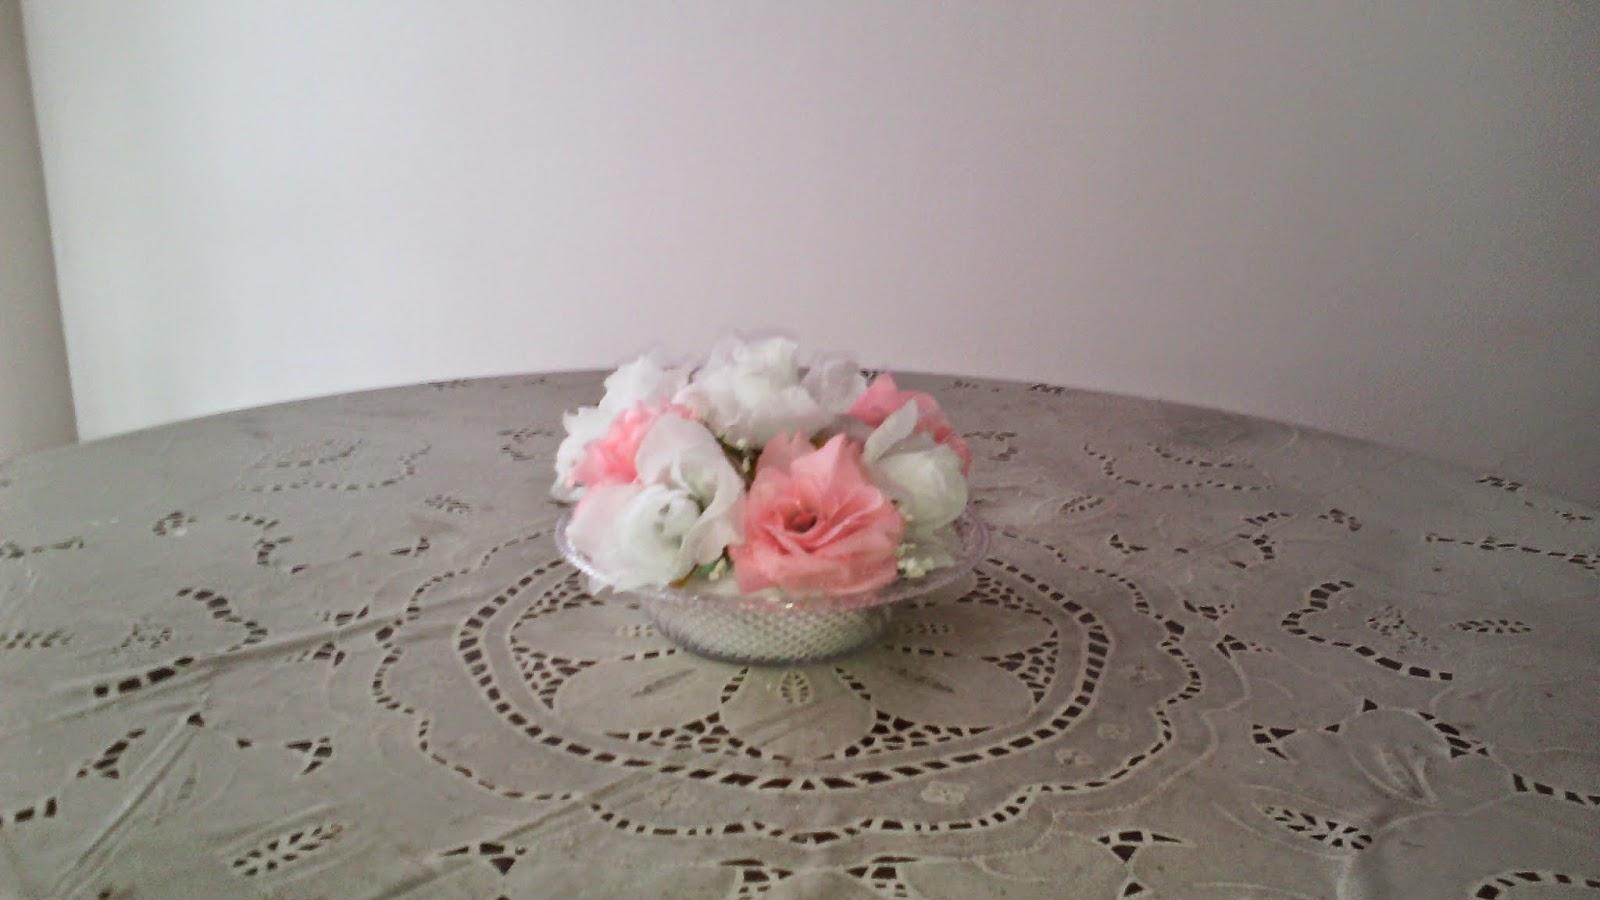 Arreglos Artificiales Flores, Peluches, Arreglos Naturales  - Imagenes Arreglos Flores Artificiales